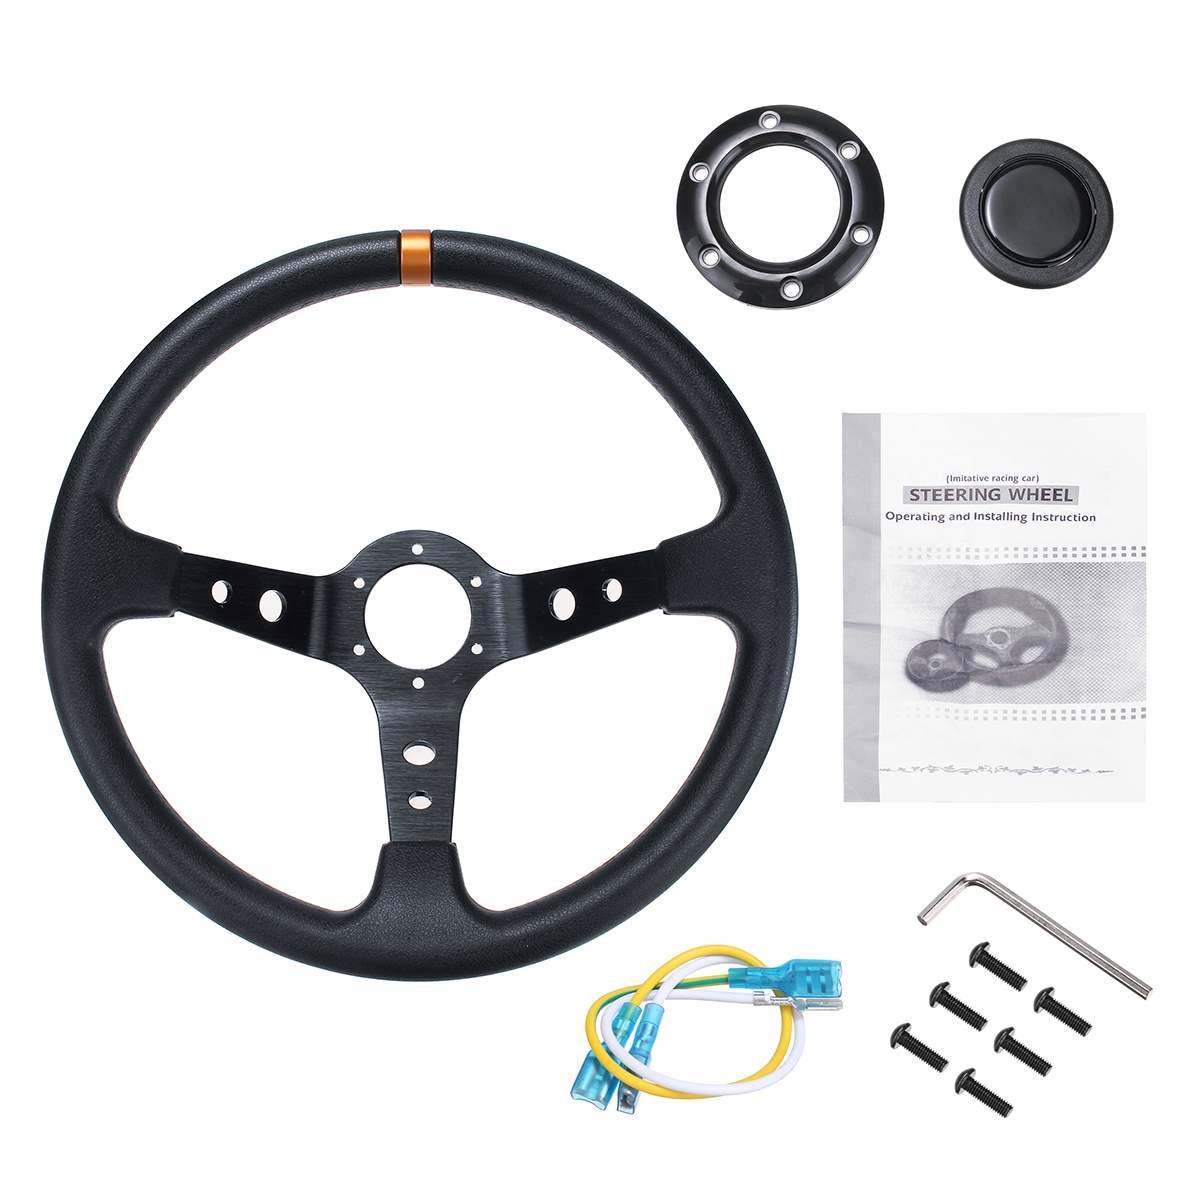 Universale 350 Millimetri 14 Pollici Dell'unità di Elaborazione E Lega di Alluminio Volante Auto Sport Racing Steering Wheel Drifting Deep Dish Corn